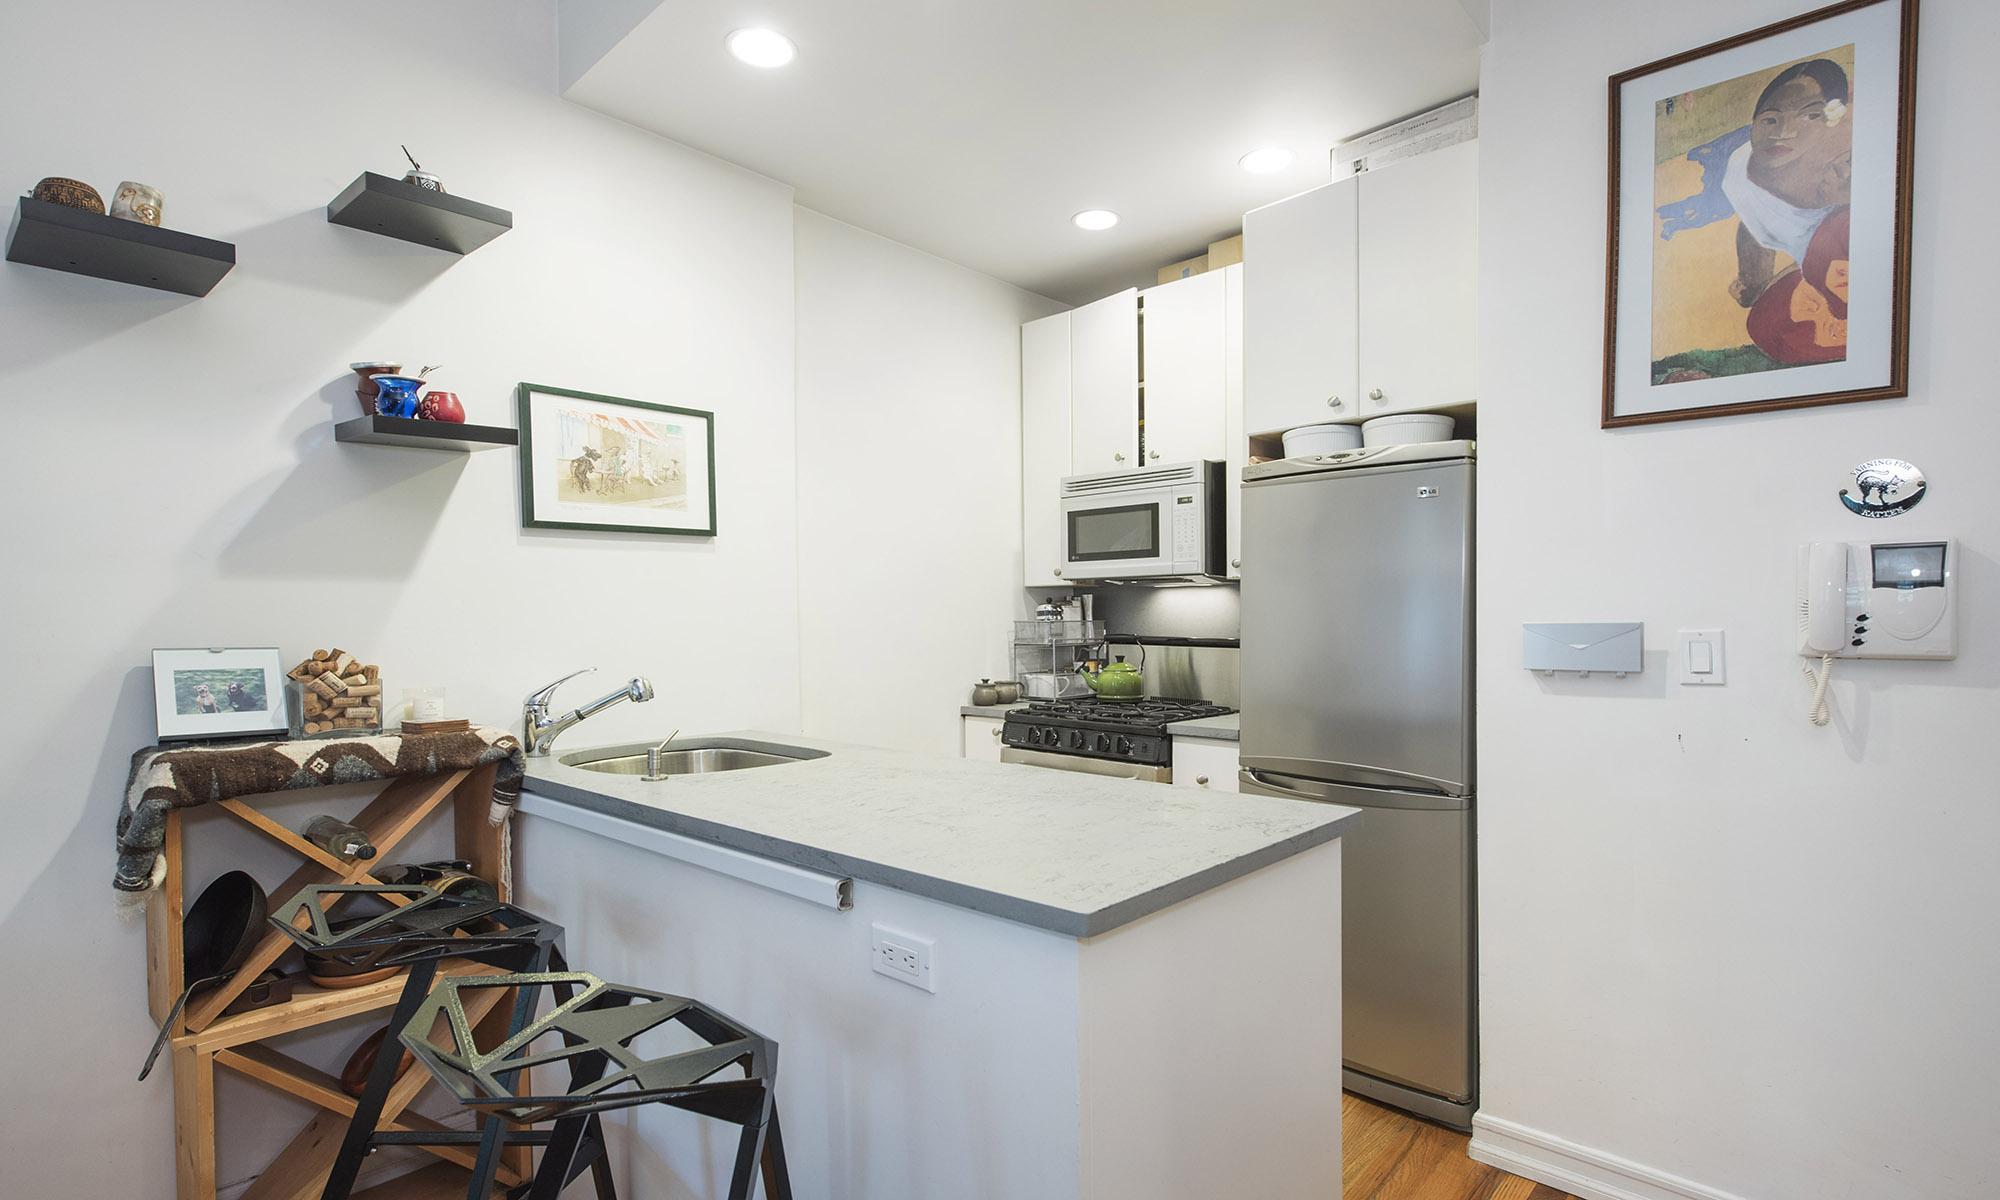 237 East 88th Street – Apt #202